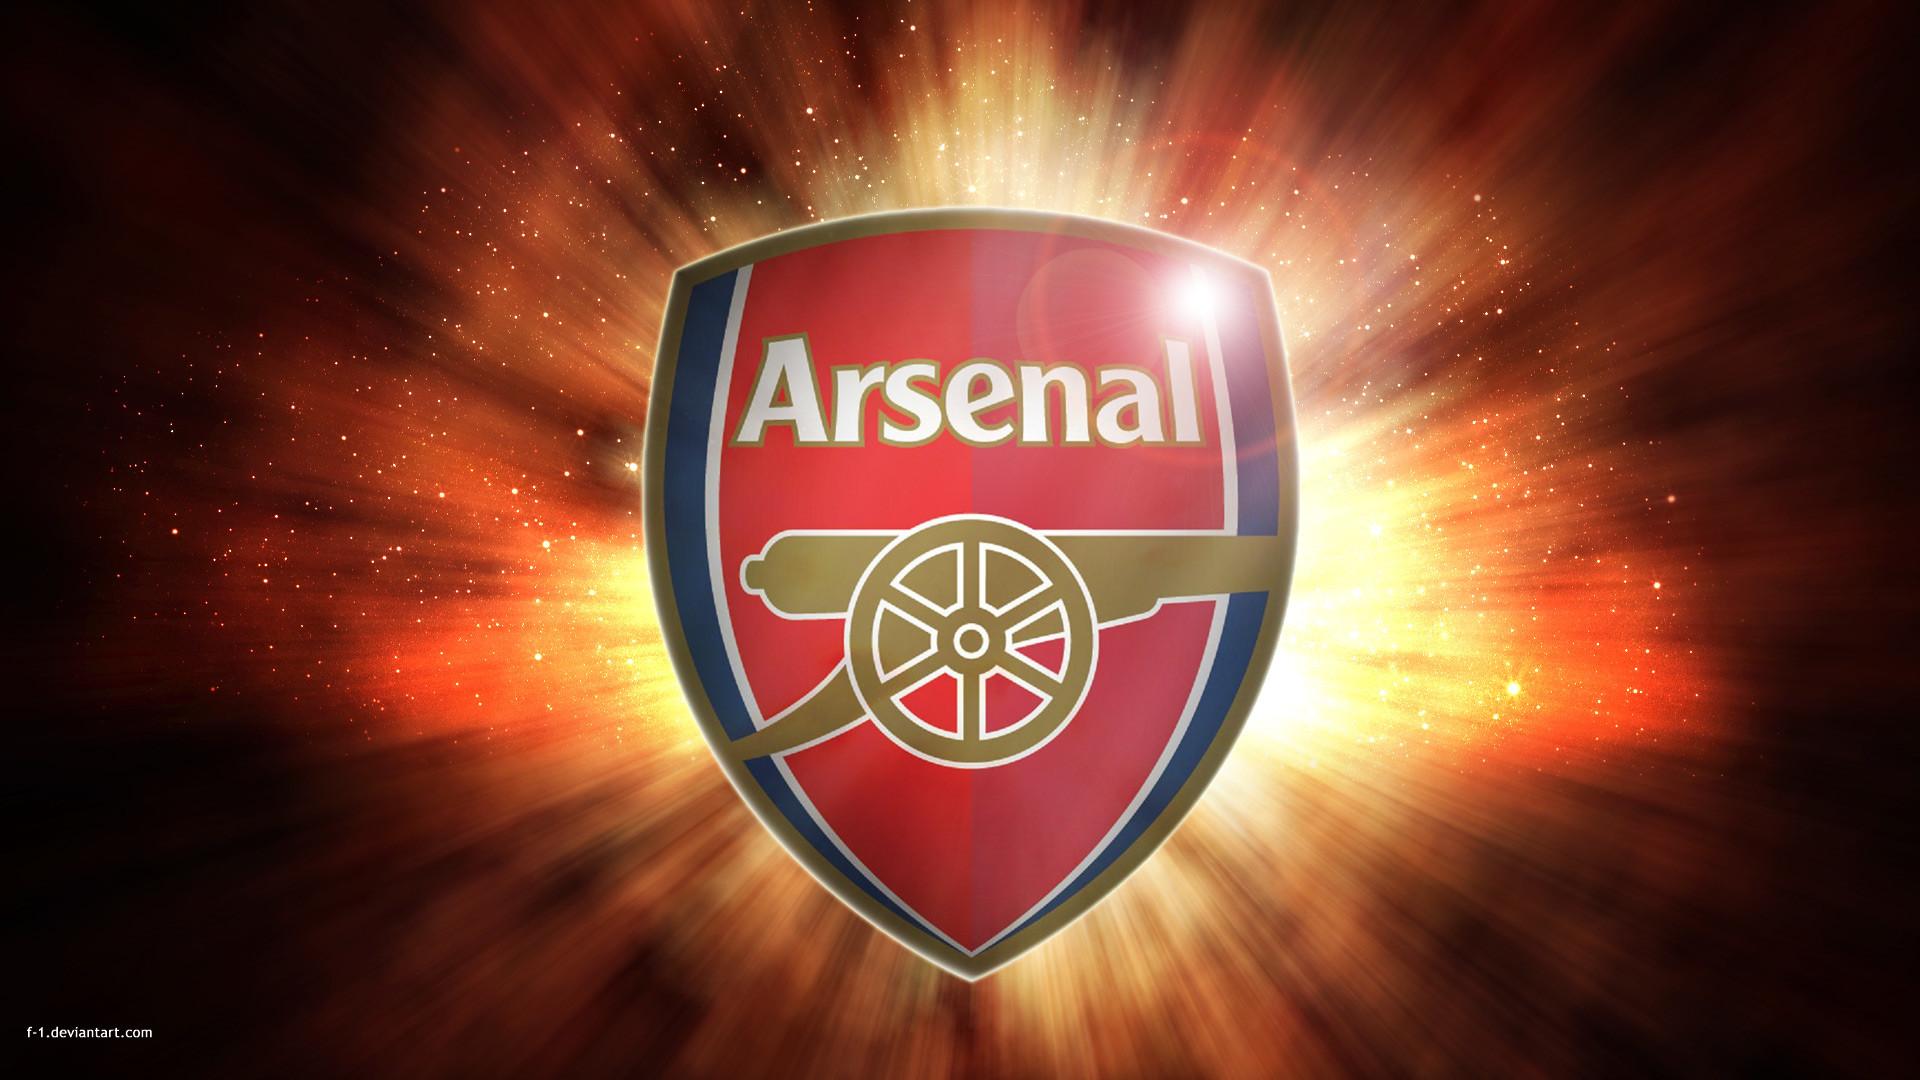 Arsenal Logo Wallpaper 2018 (78+ Images